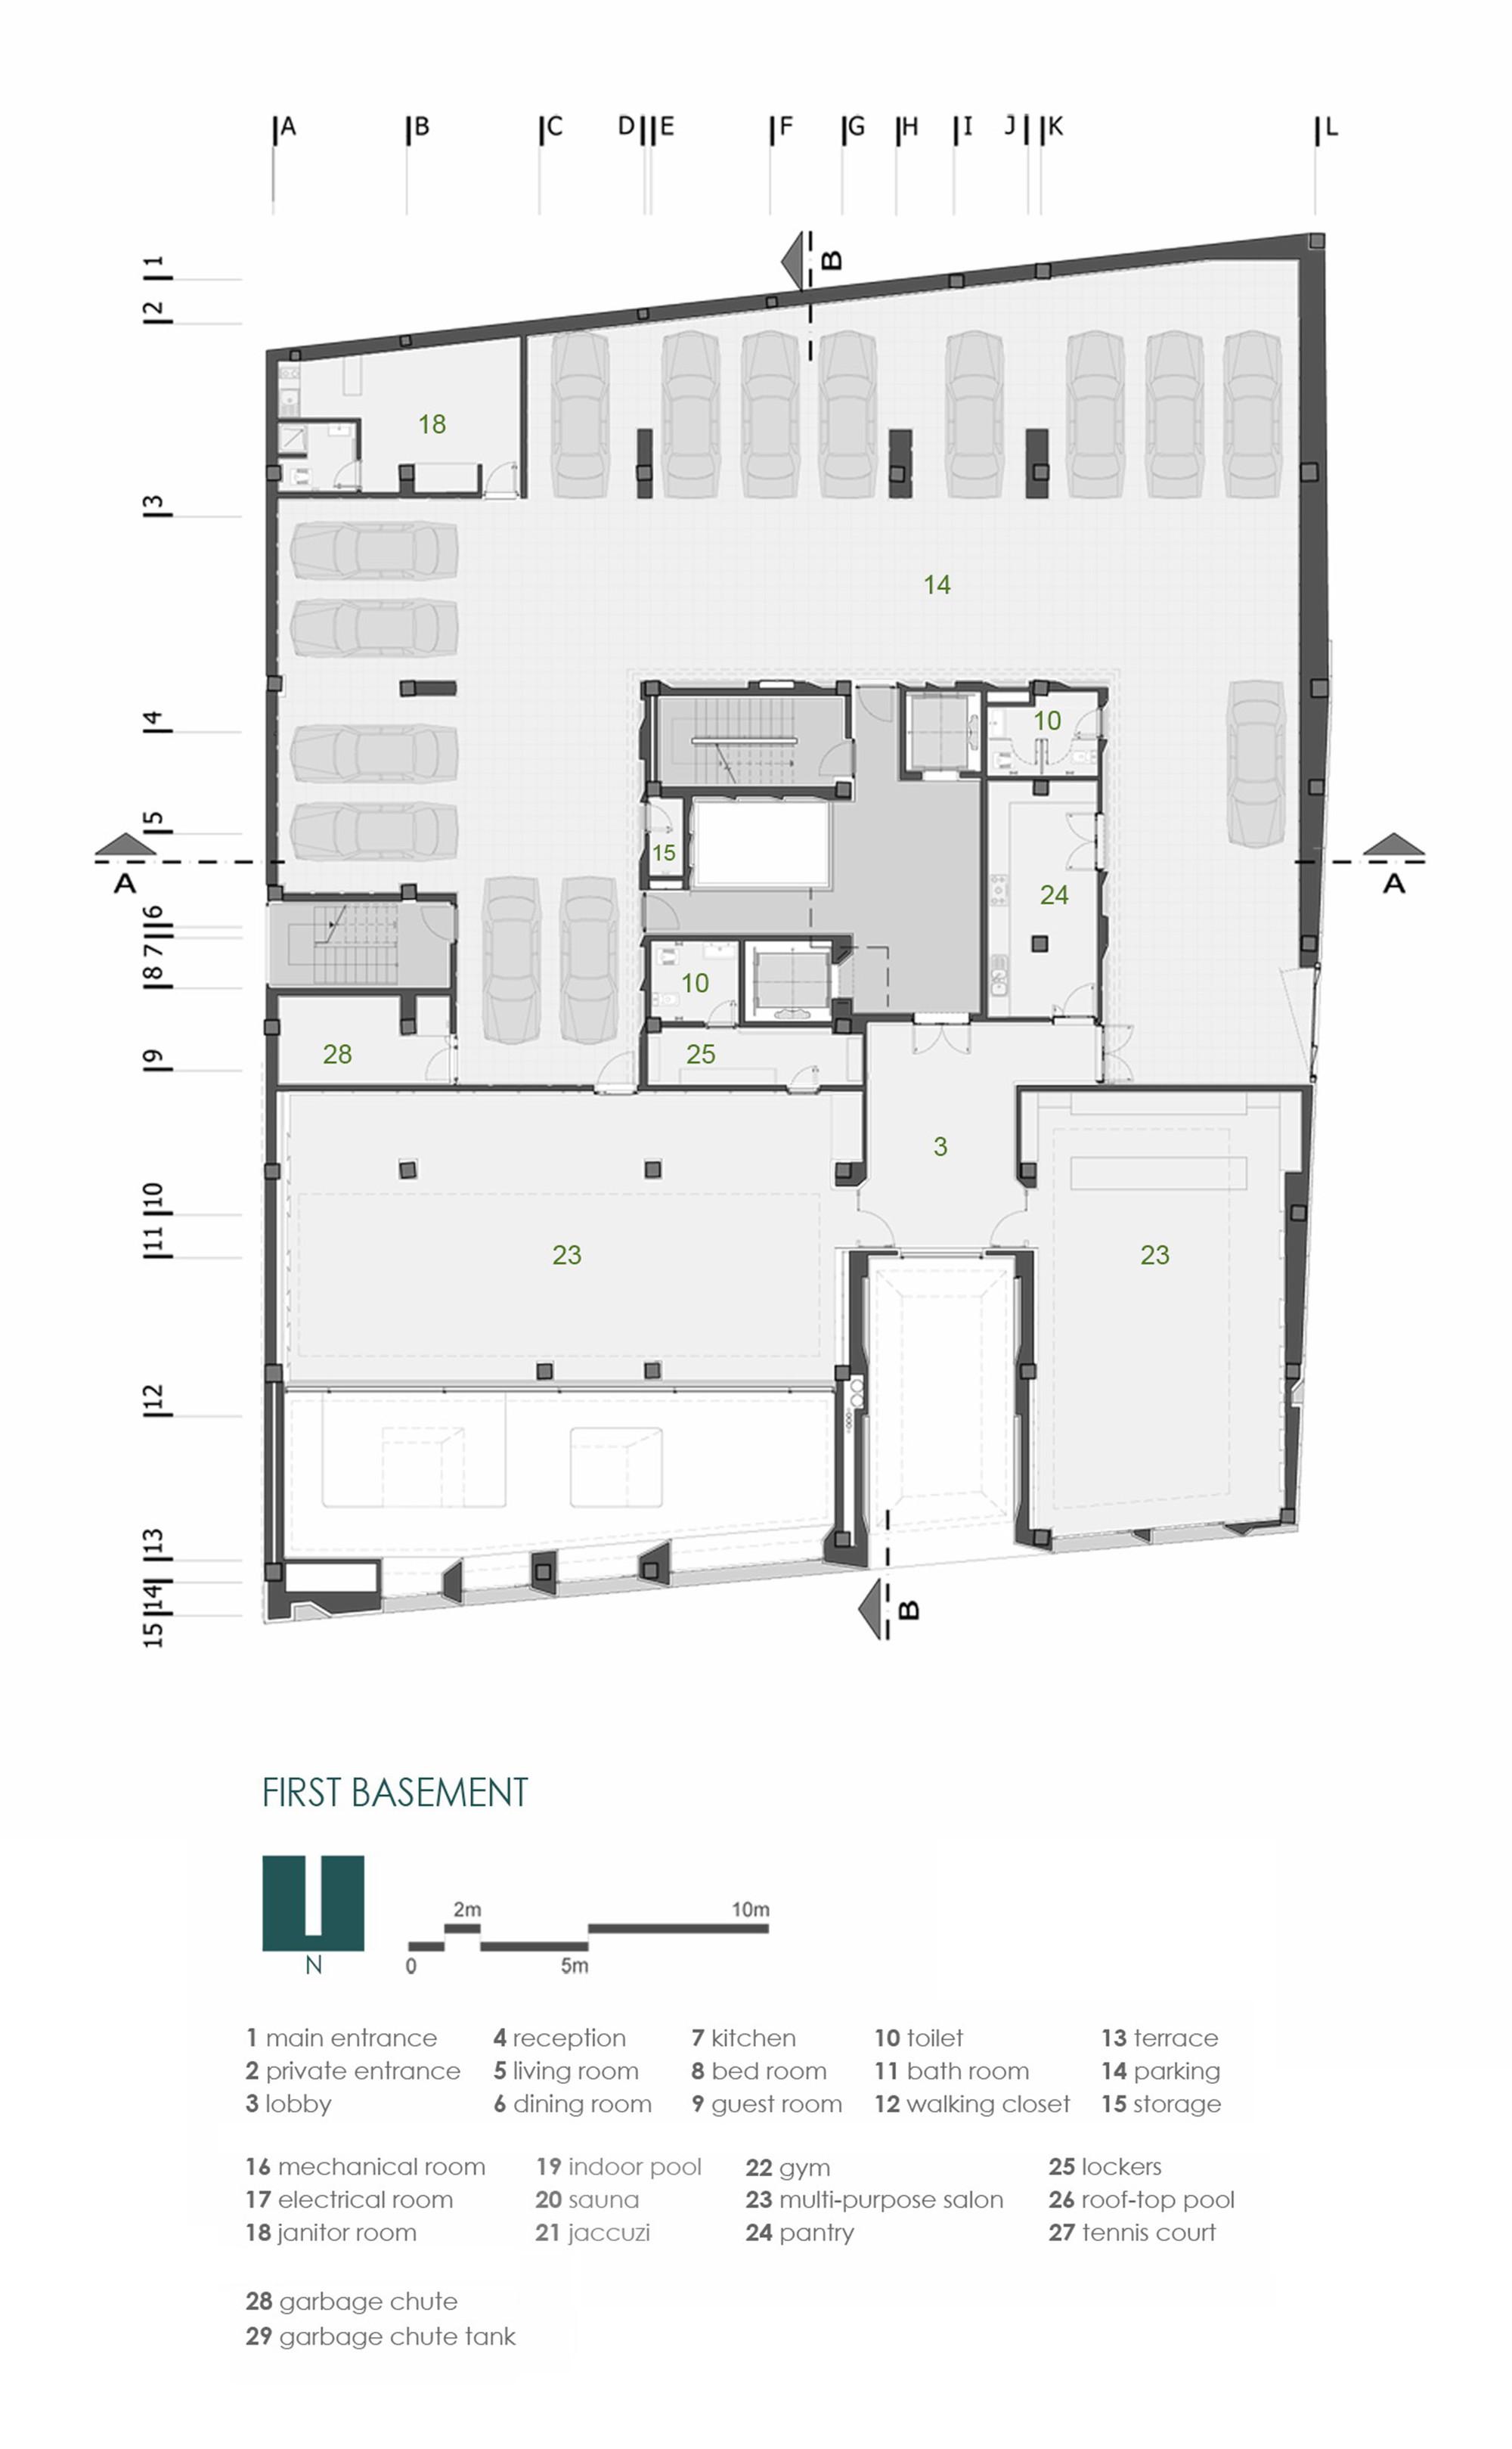 Media Closet Wire Diagram - Illustration Of Wiring Diagram •